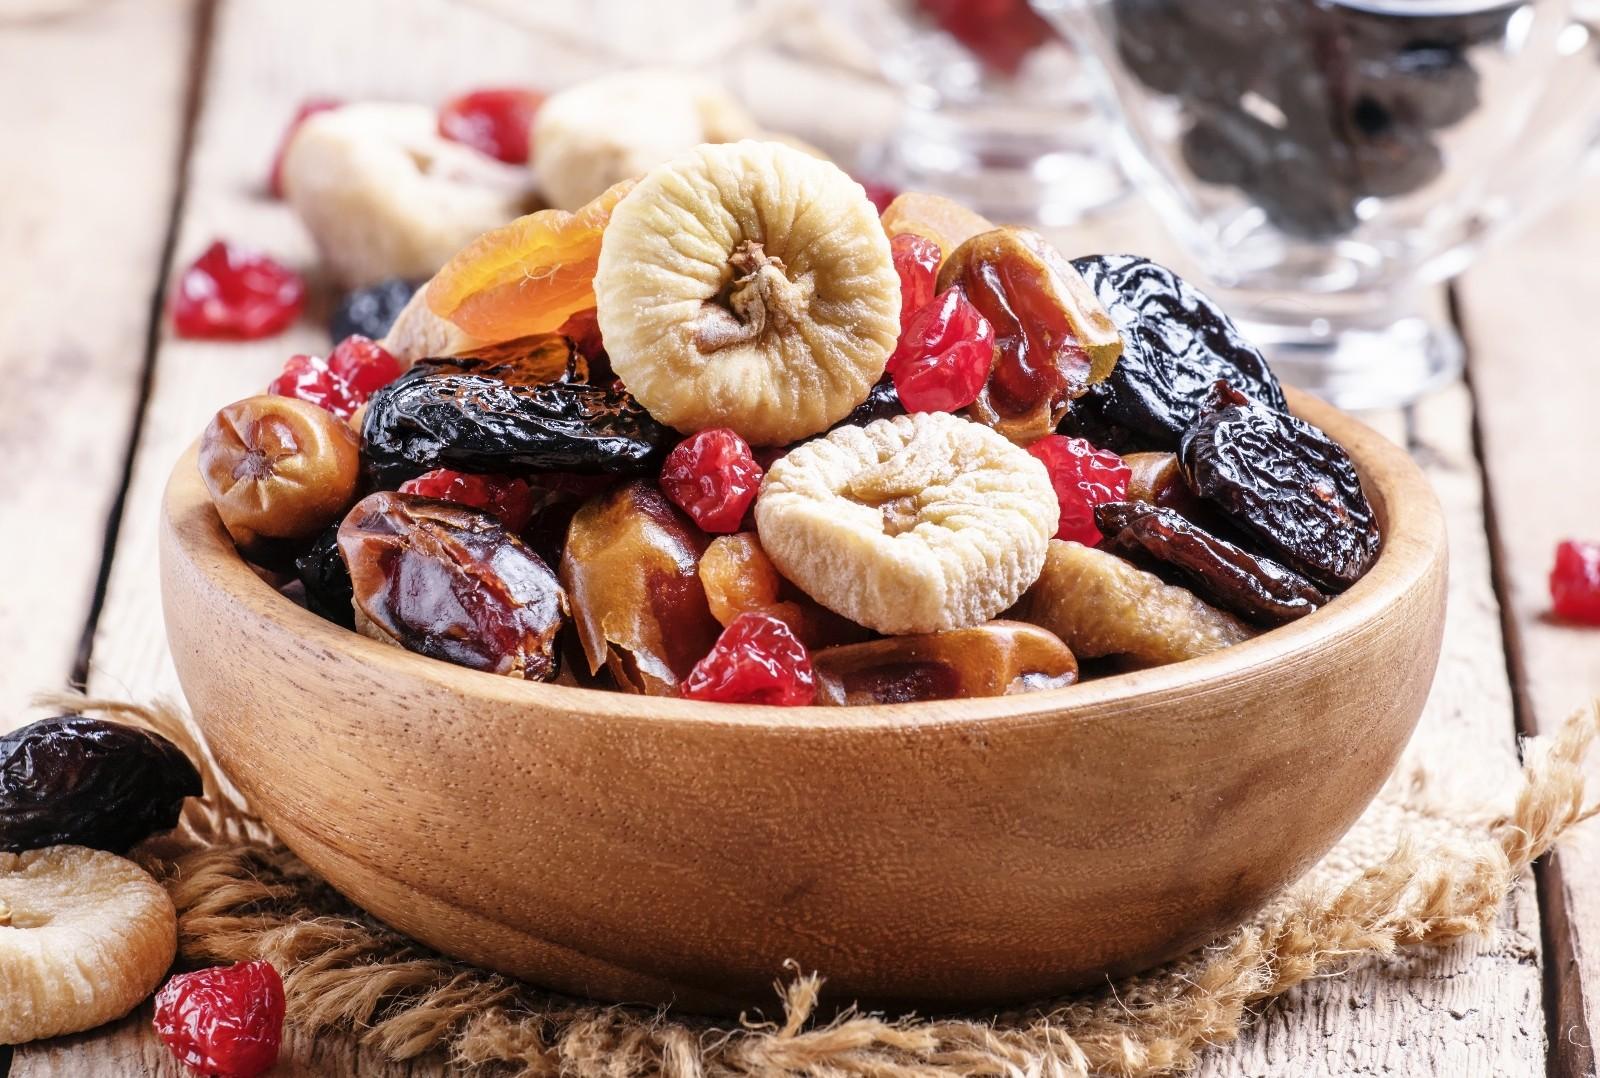 Kuru meyve ve mamulleri ihracatı 685 milyon dolar